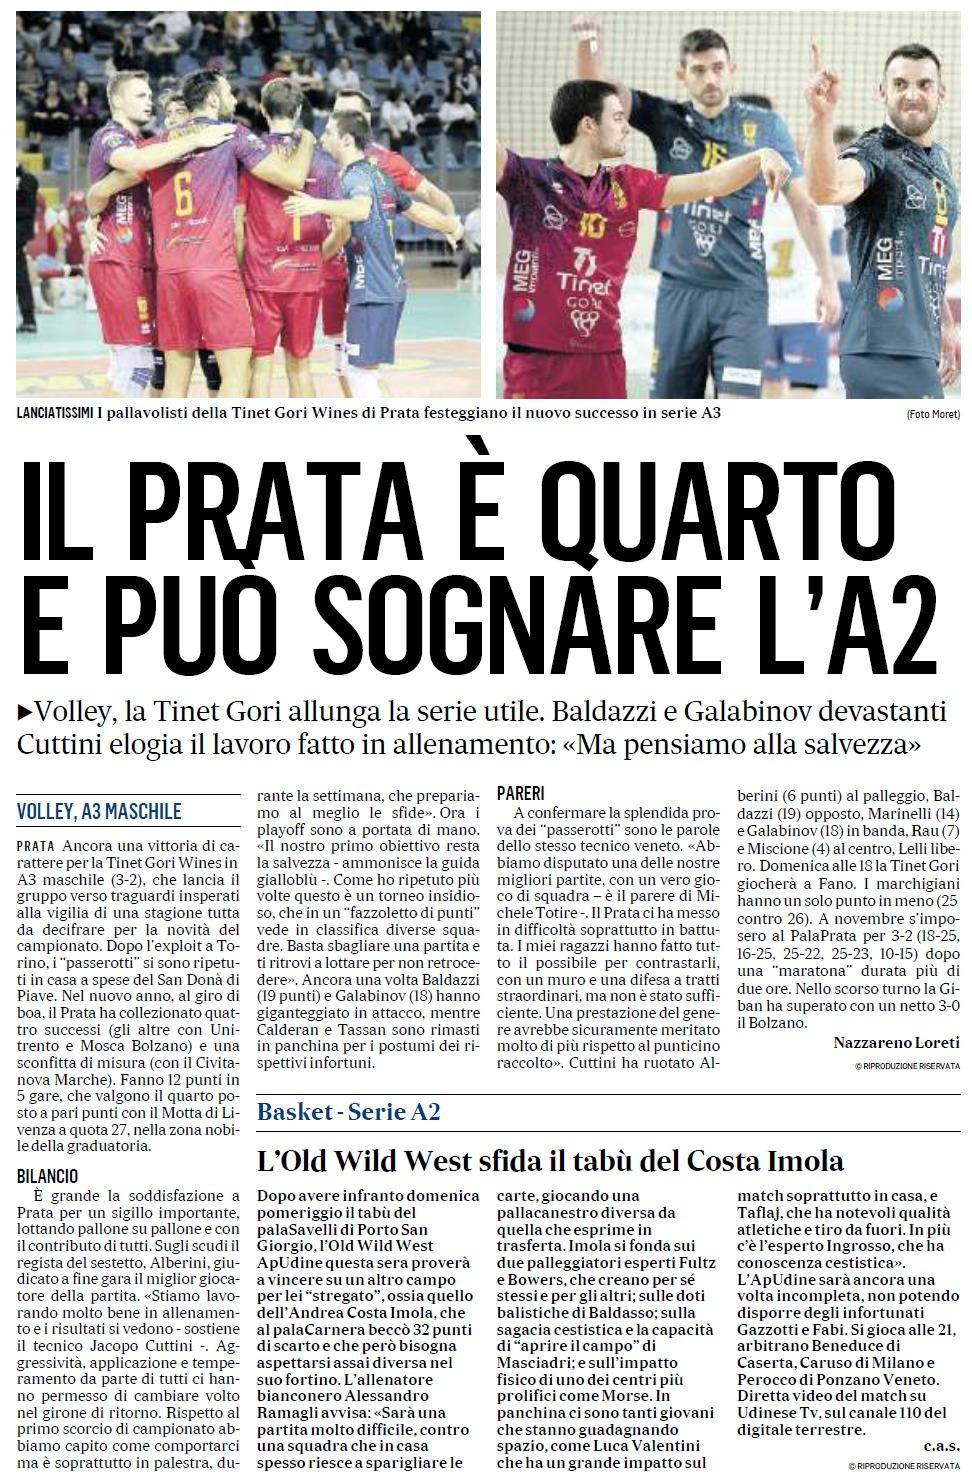 Gazzettino-5-Febbraio.jpeg